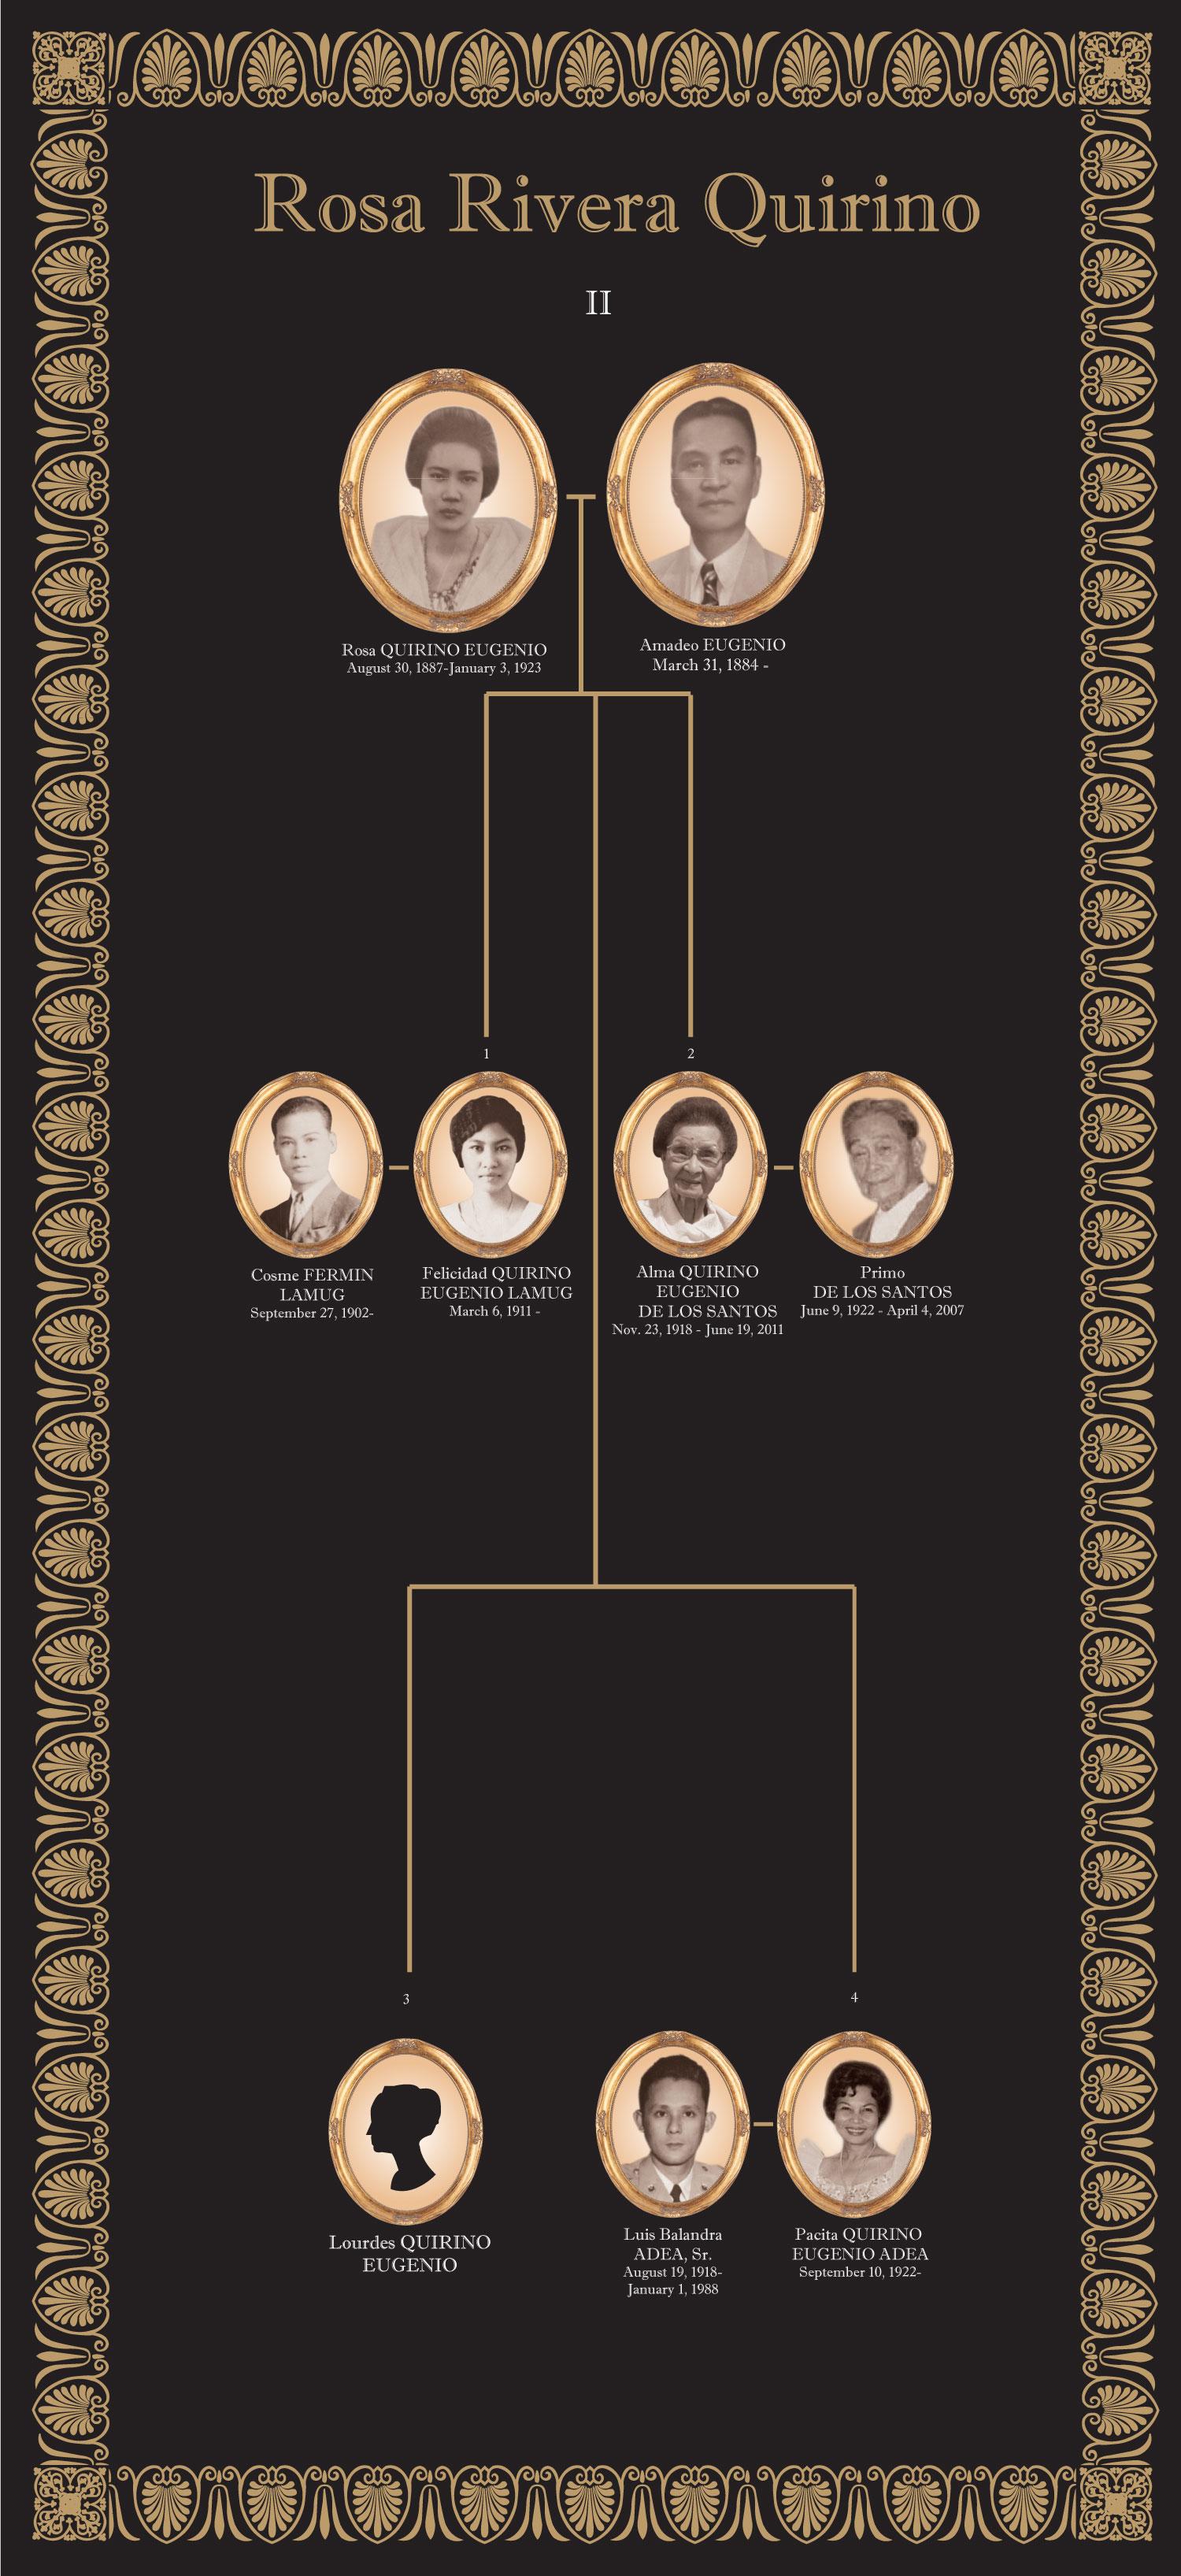 eq125_elpidio-quirino_genealogy_rosa-quirino